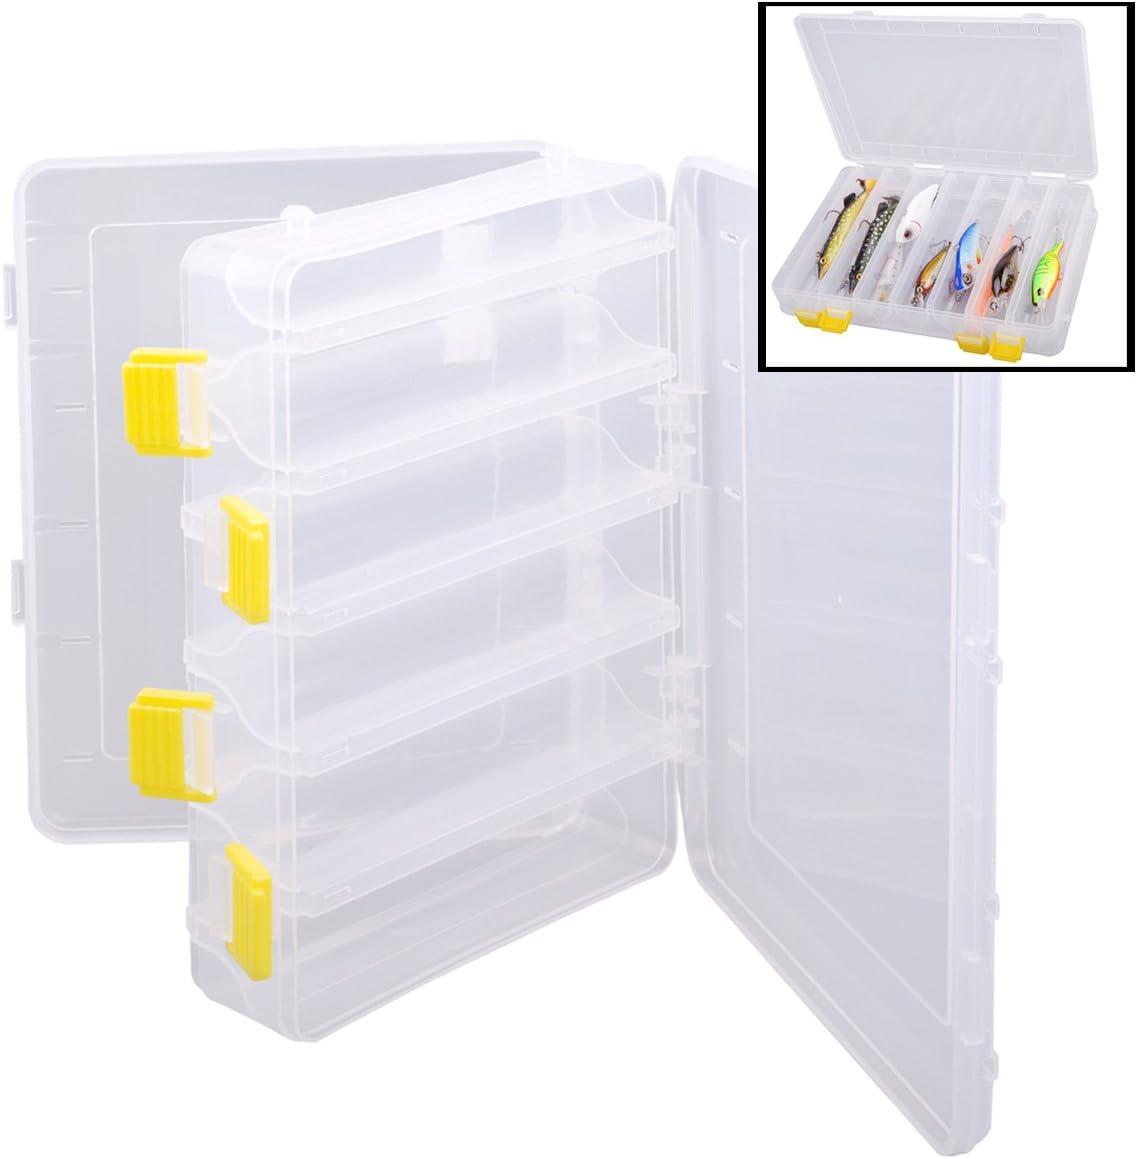 2 Fächer Angelköder Regenwurm Wurmköder Tackle Box Aufbewahrungskoffer 3Siz PXUI